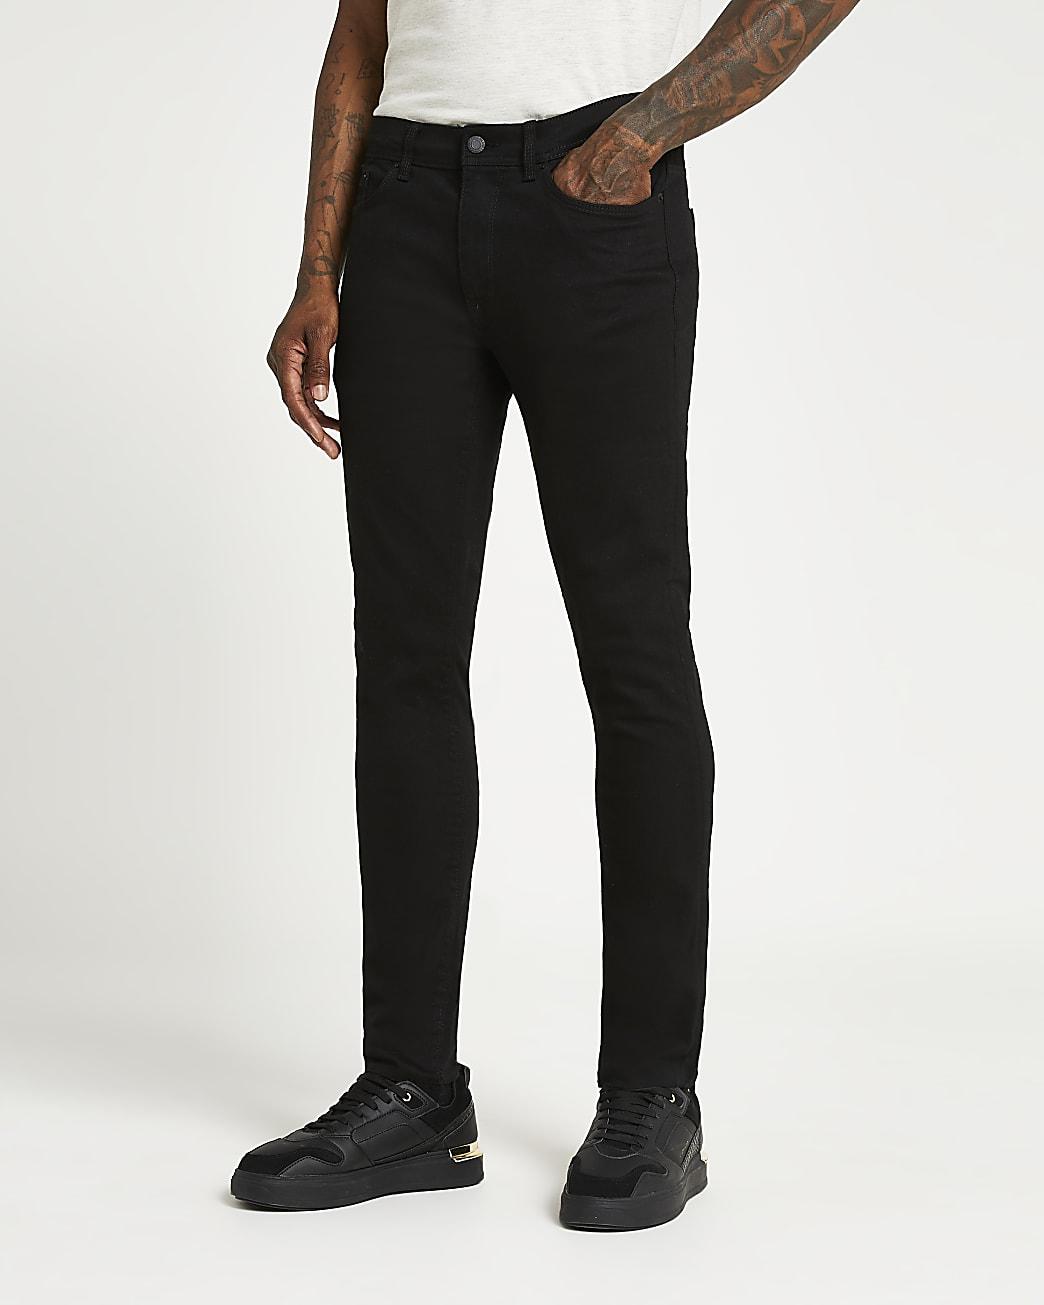 Black raw hem skinny fit jeans